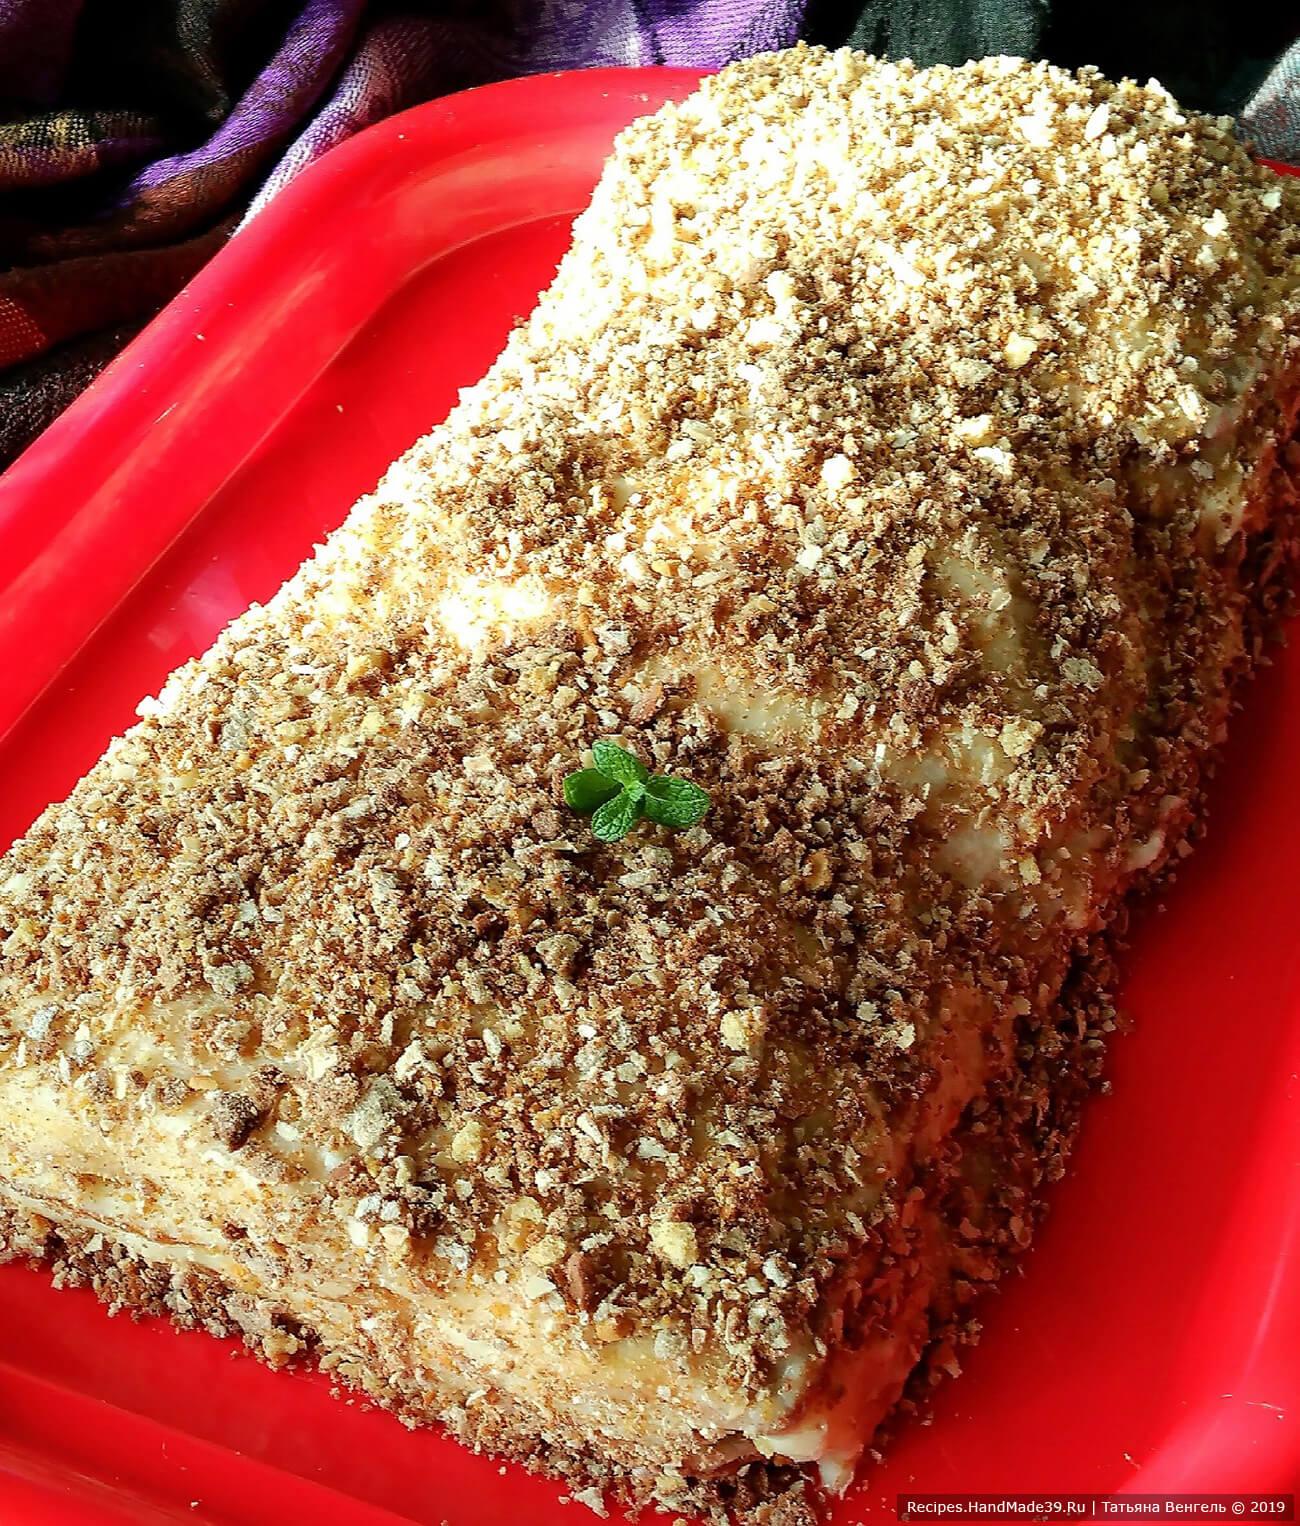 Обсыпать измельченной крошкой печенья или вафель (можно орехами). Баварский яблочный торт с заварным кремом готов, приятного аппетита!